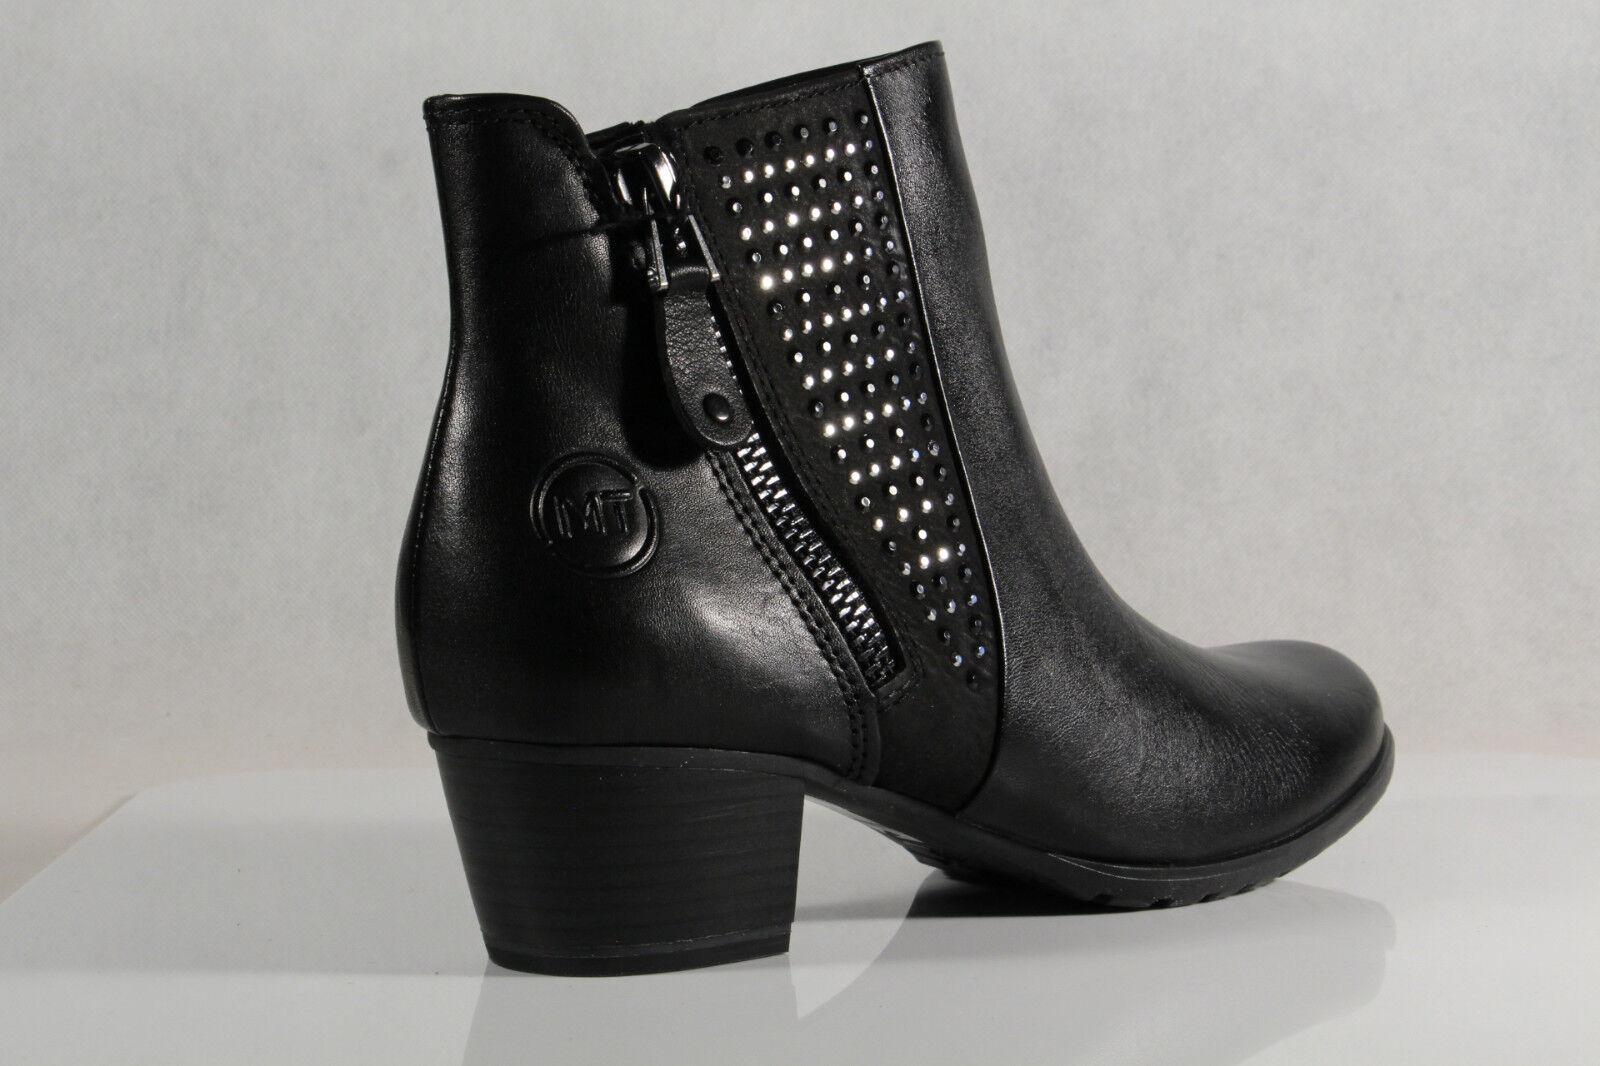 Los zapatos más populares para hombres y mujeres Marco Forrado, Tozzi Botas, Botines, Negro Ligero Forrado, Marco 25368 Cuero Aut. NUEVO e3820e